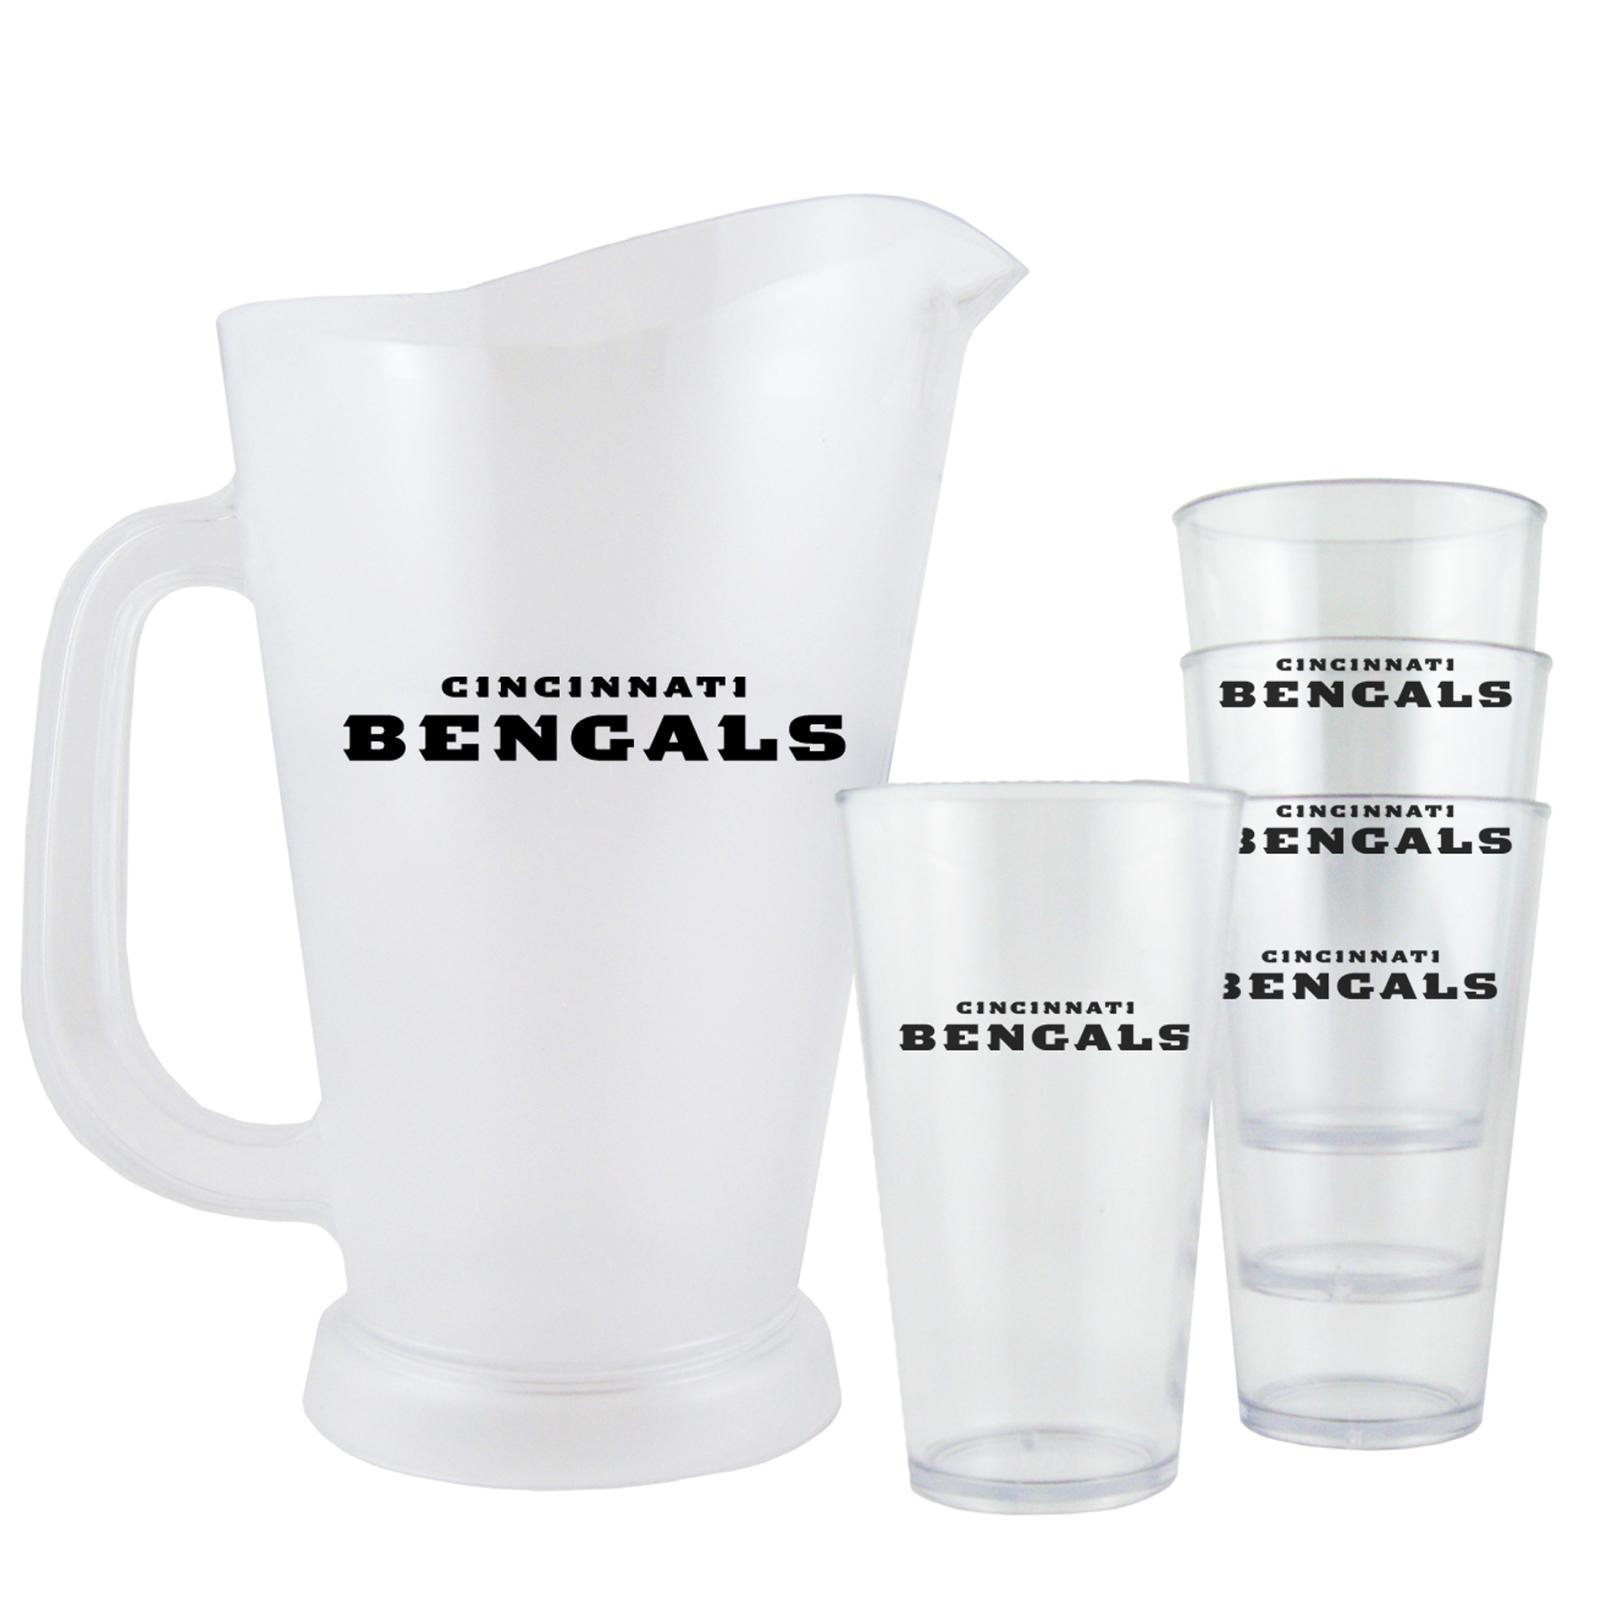 Cincinnati Bengals NFL Pitcher and Pint Glasses Set